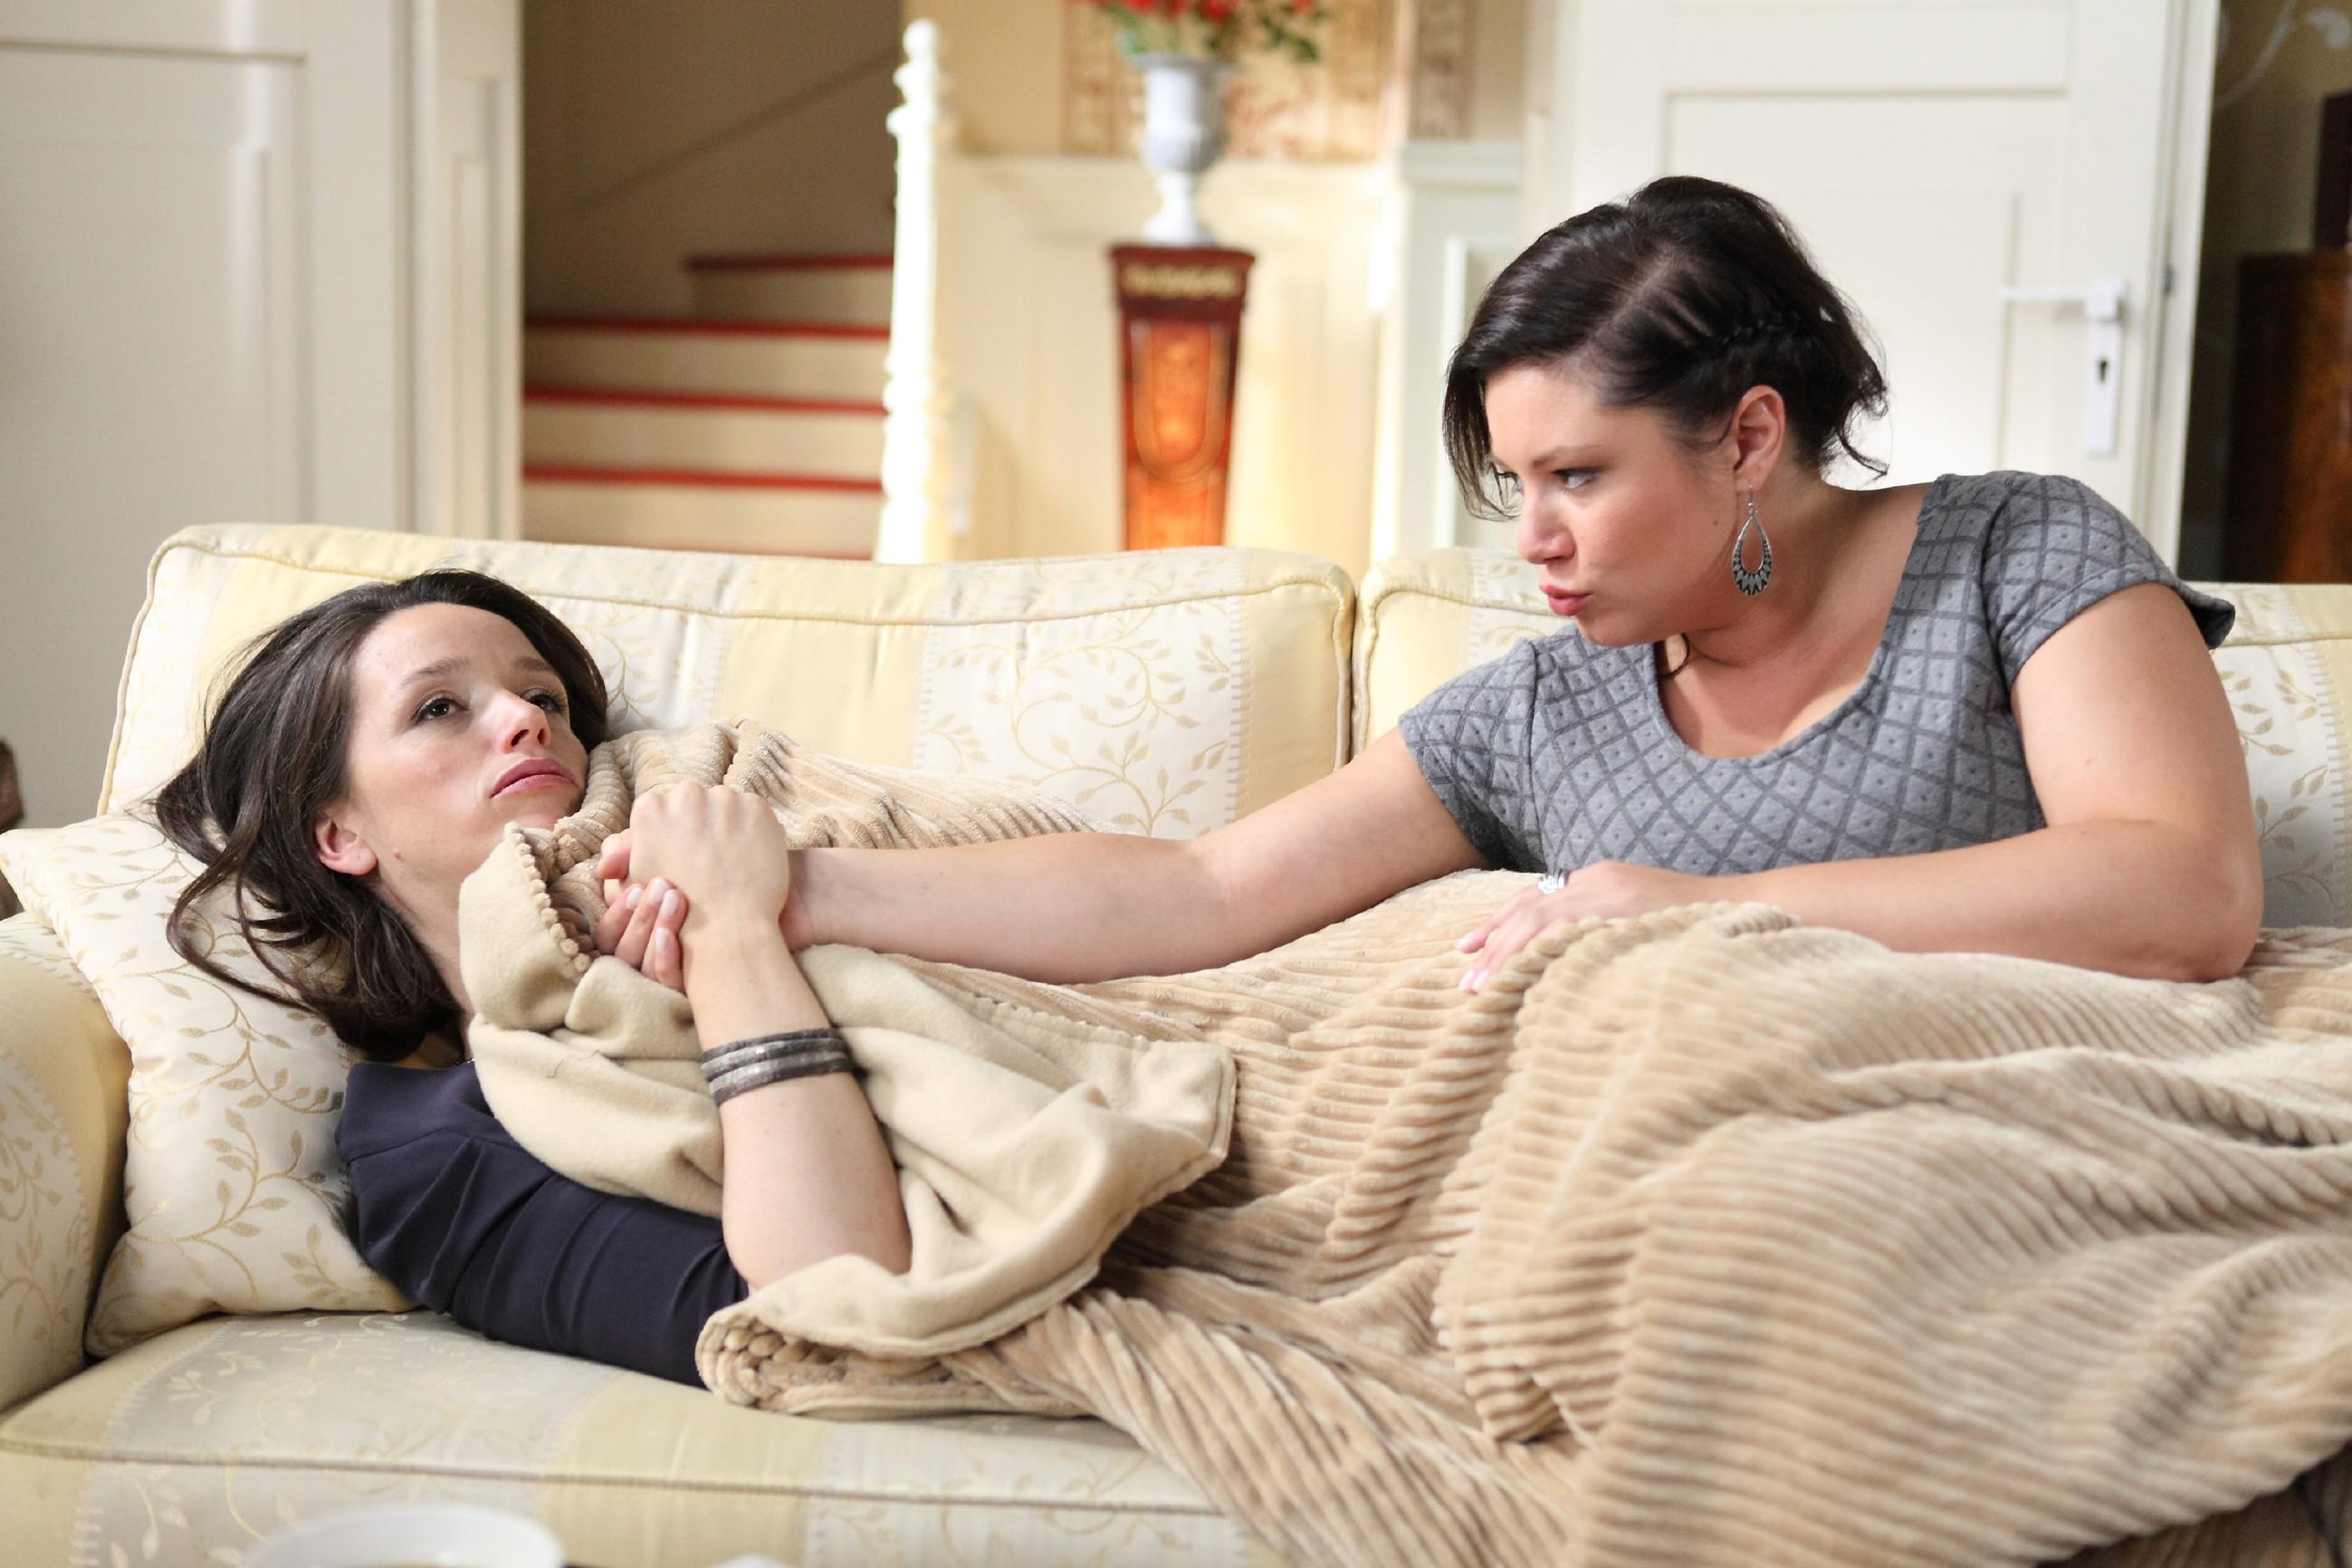 Die schwer erkältete Jenny (Kaja Schmidt-Tychsen, l.) lässt sich von Vanessa (Julia Augustin) trösten und behauptet, darüber froh zu sein, Deniz nicht mehr jeden Tag sehen zu müssen. (Quelle: RTL / Frank W. Hempel)